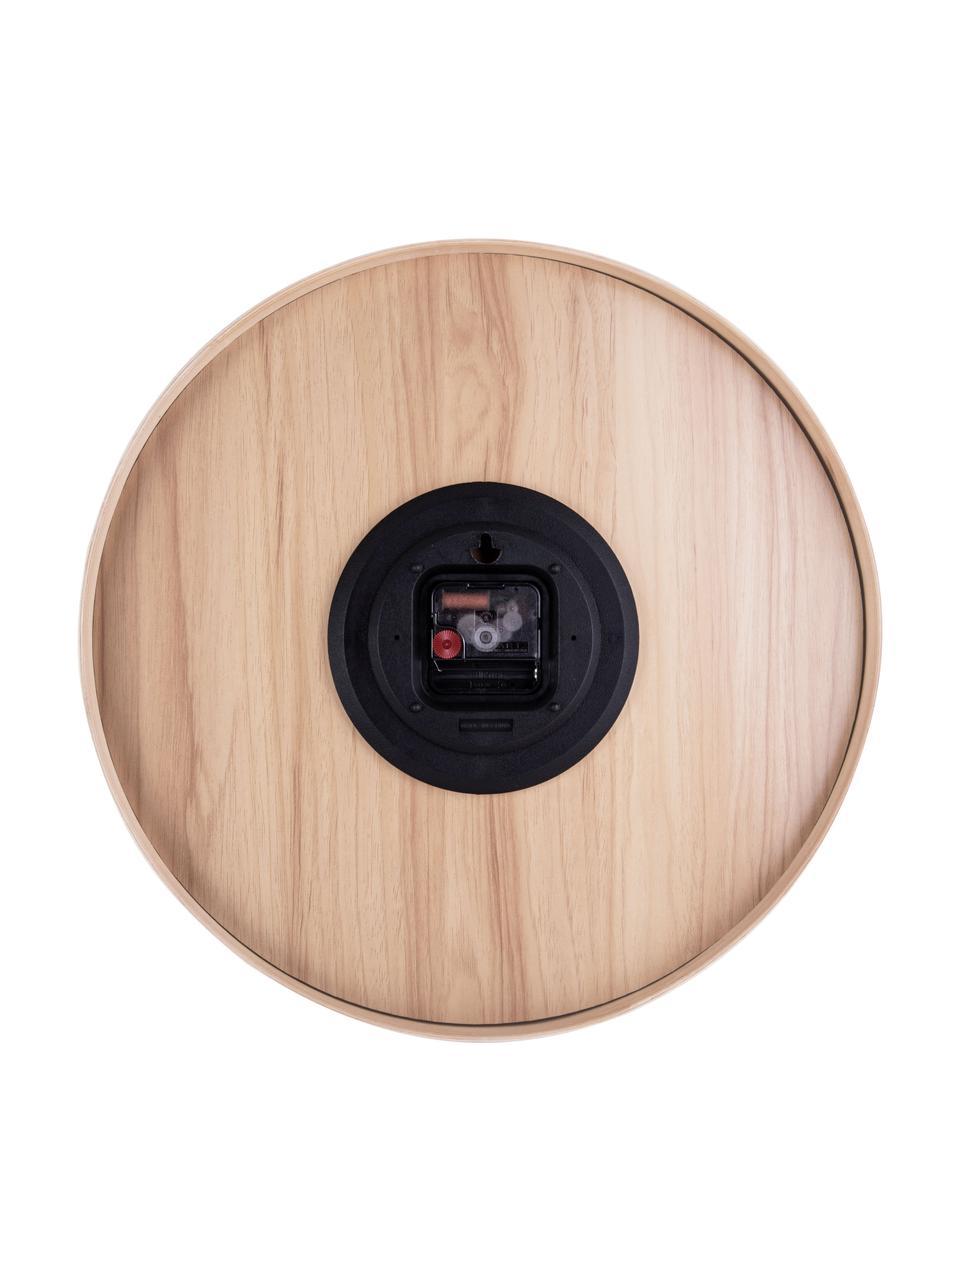 Wanduhr Pure, Holz, lackiert, Weiß, Holz, Ø 40 cm